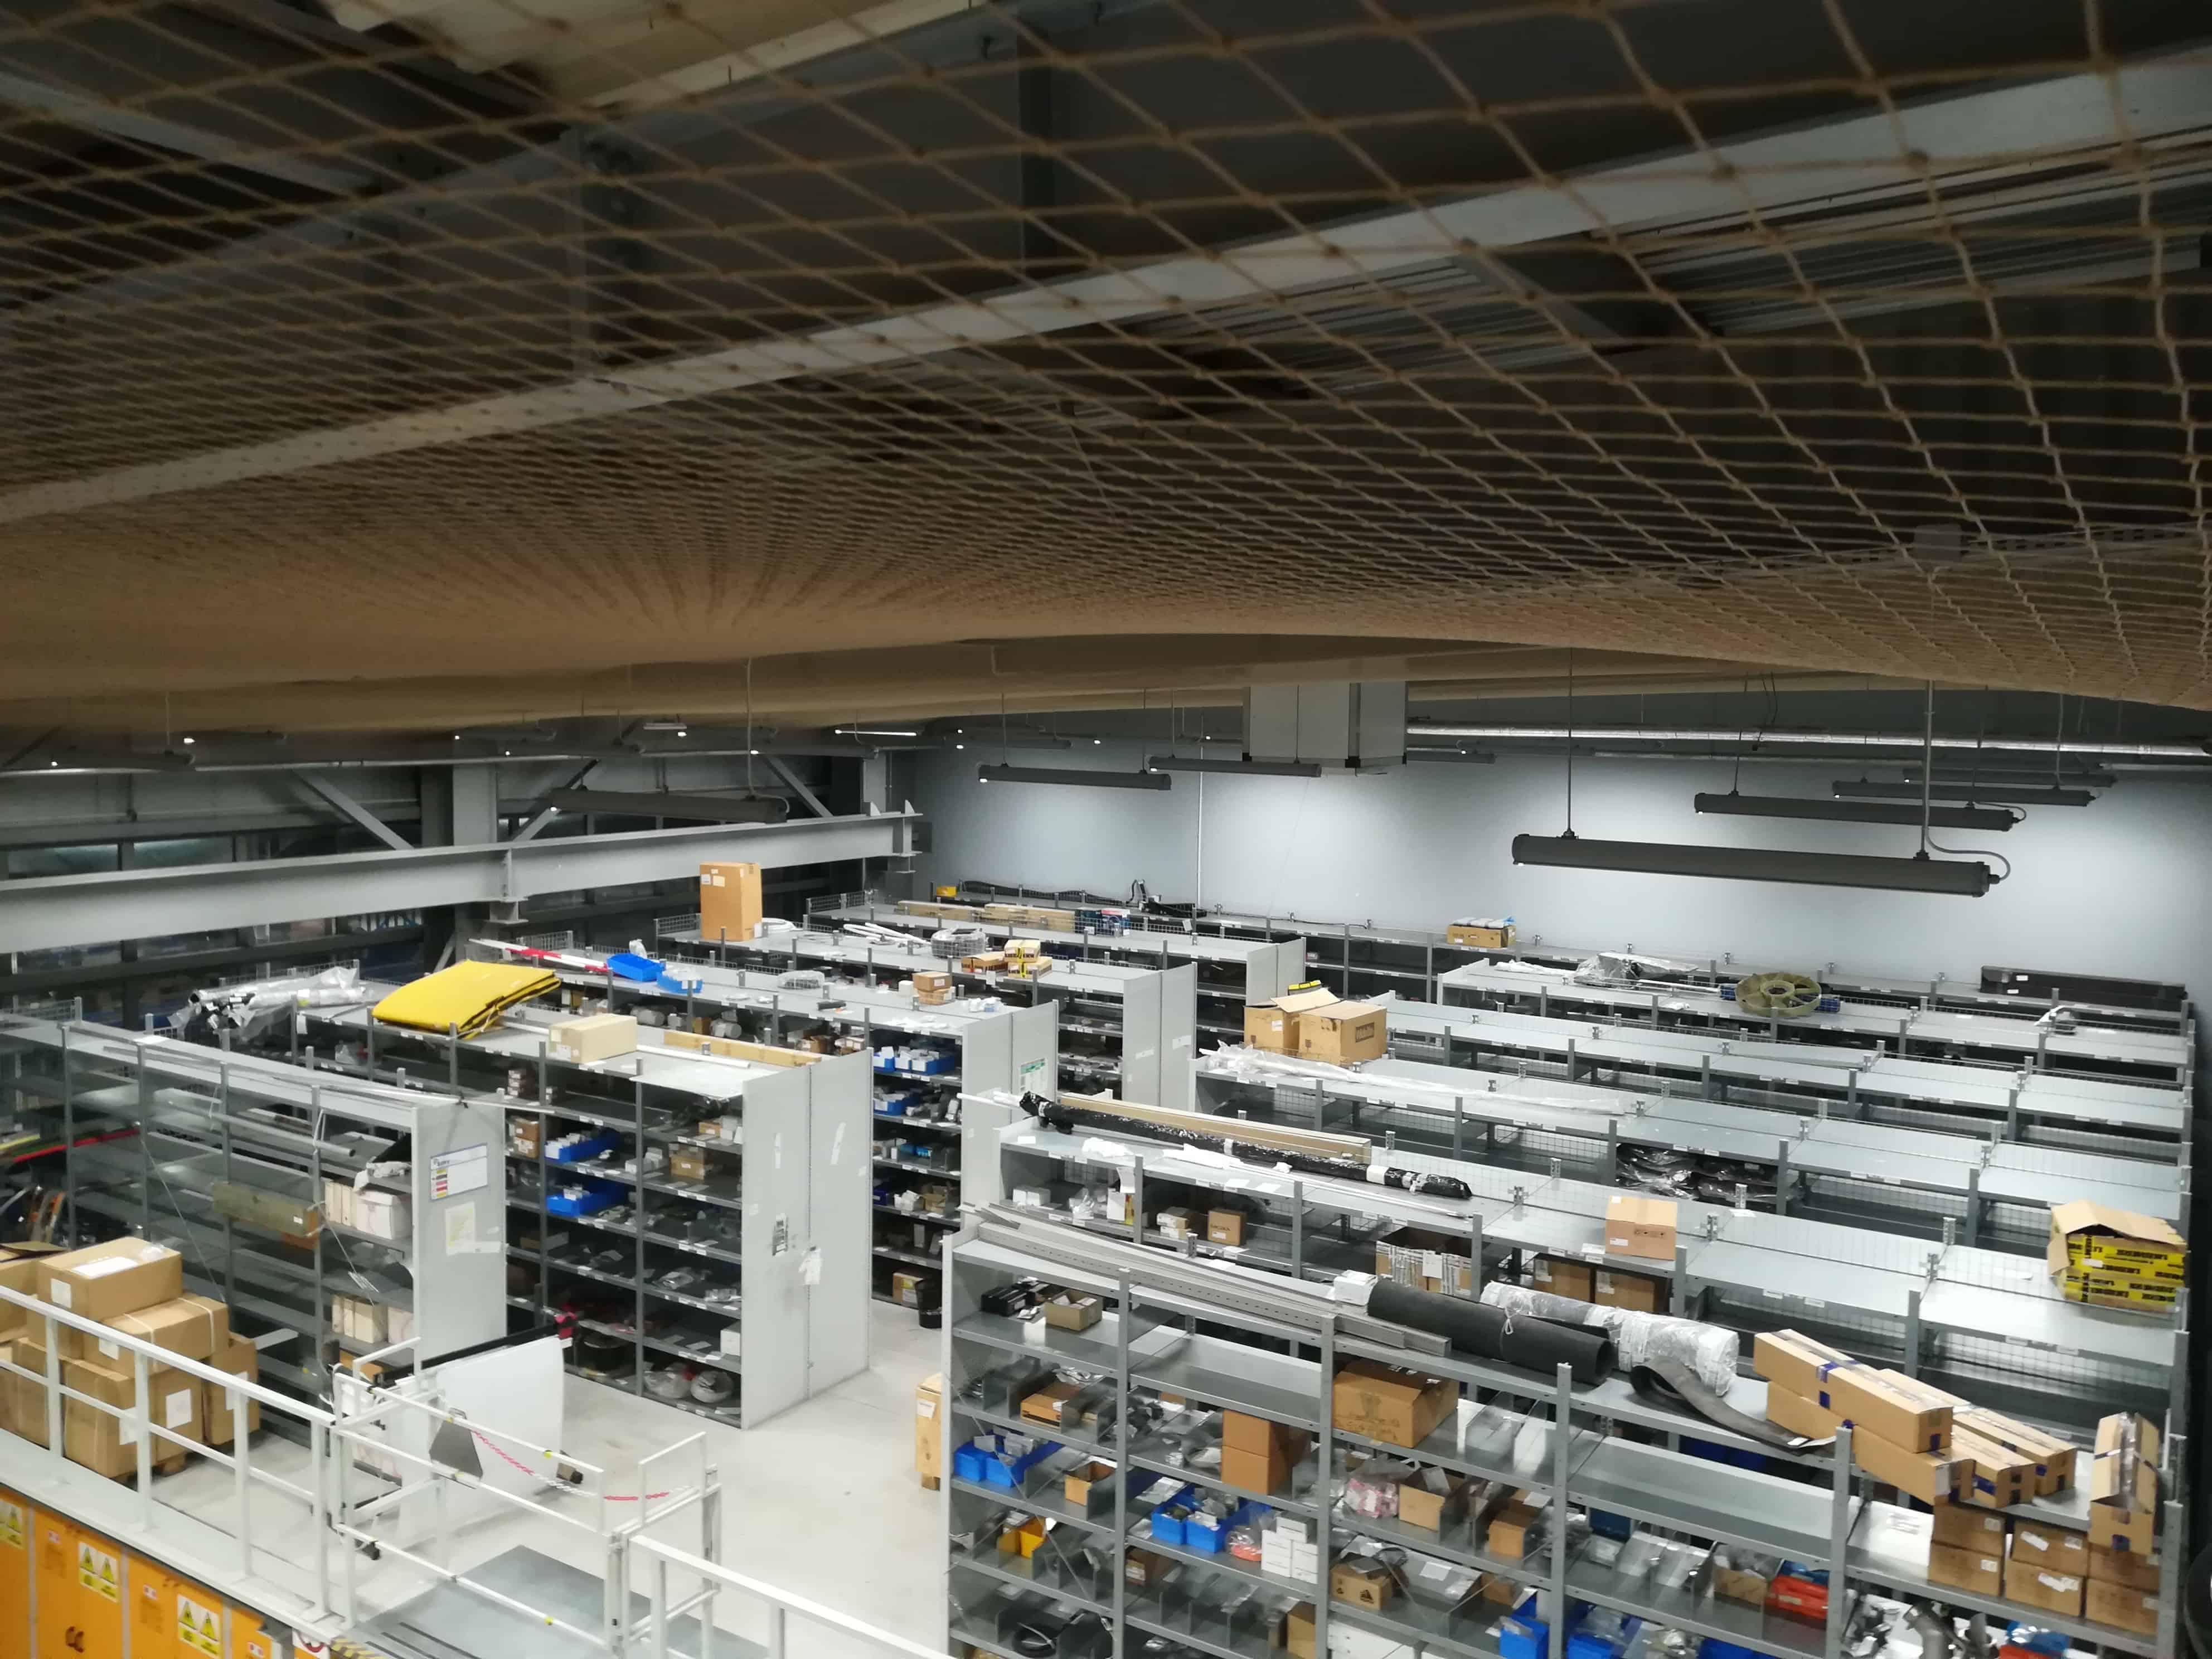 Zabezpieczenie zadaszenia magazynu za pomocą siatki polietylenowej - Terminal DCT Gdańsk